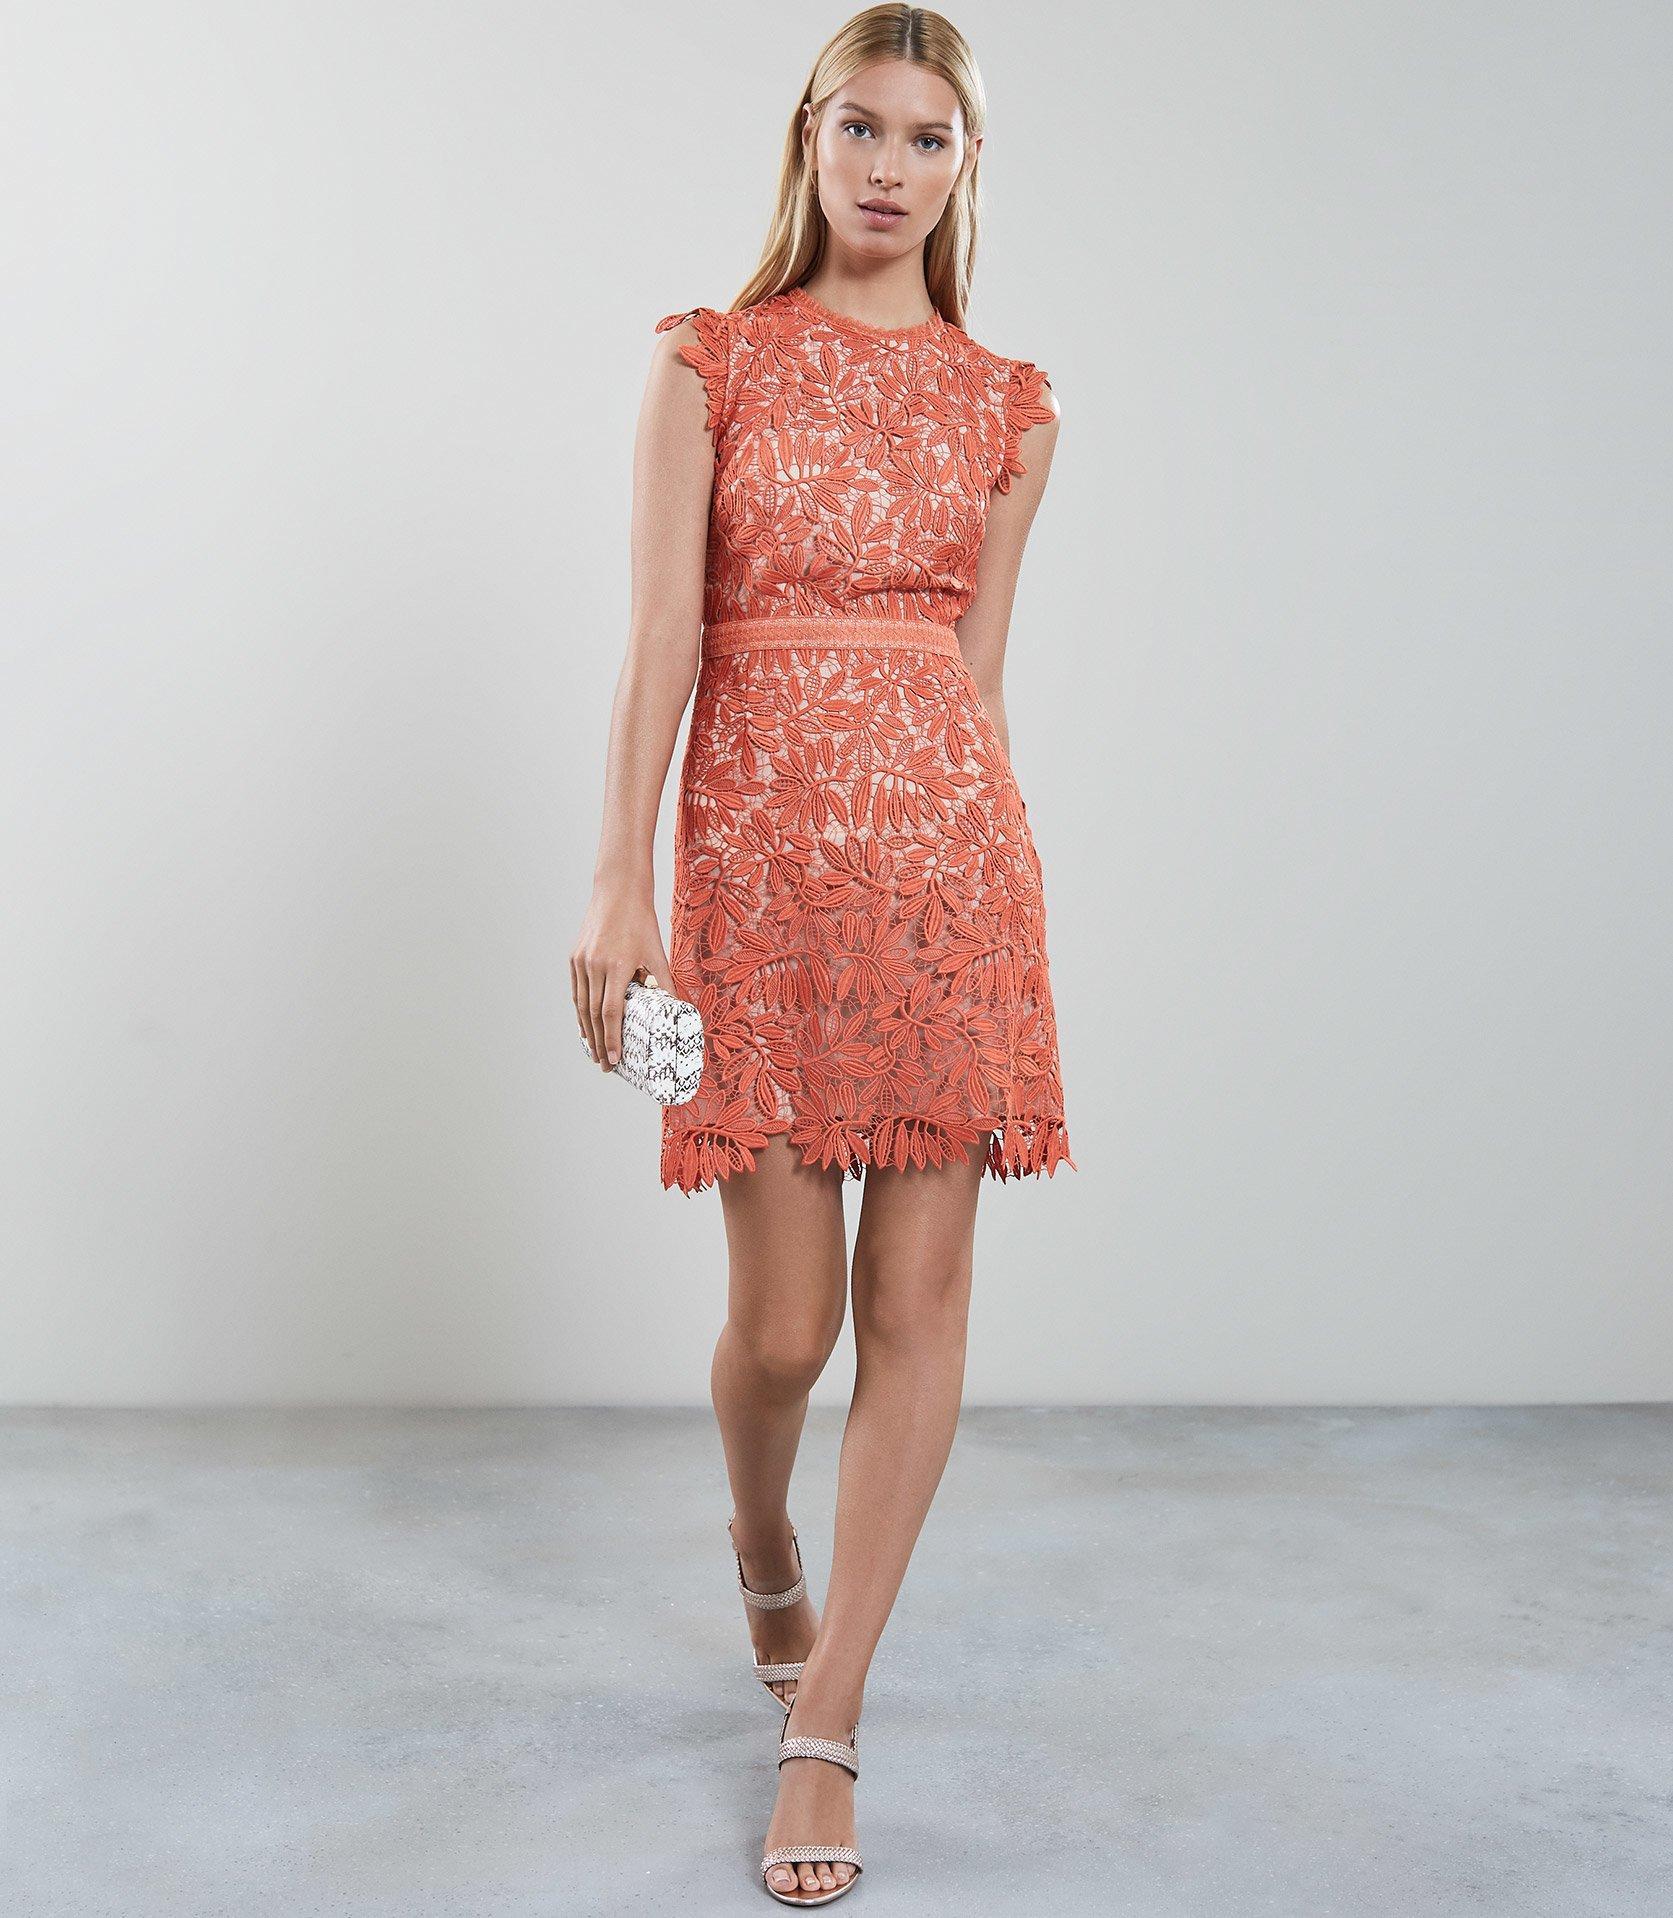 b4a93eeba96 Reiss Maika - Open Back Lace Dress - Lyst